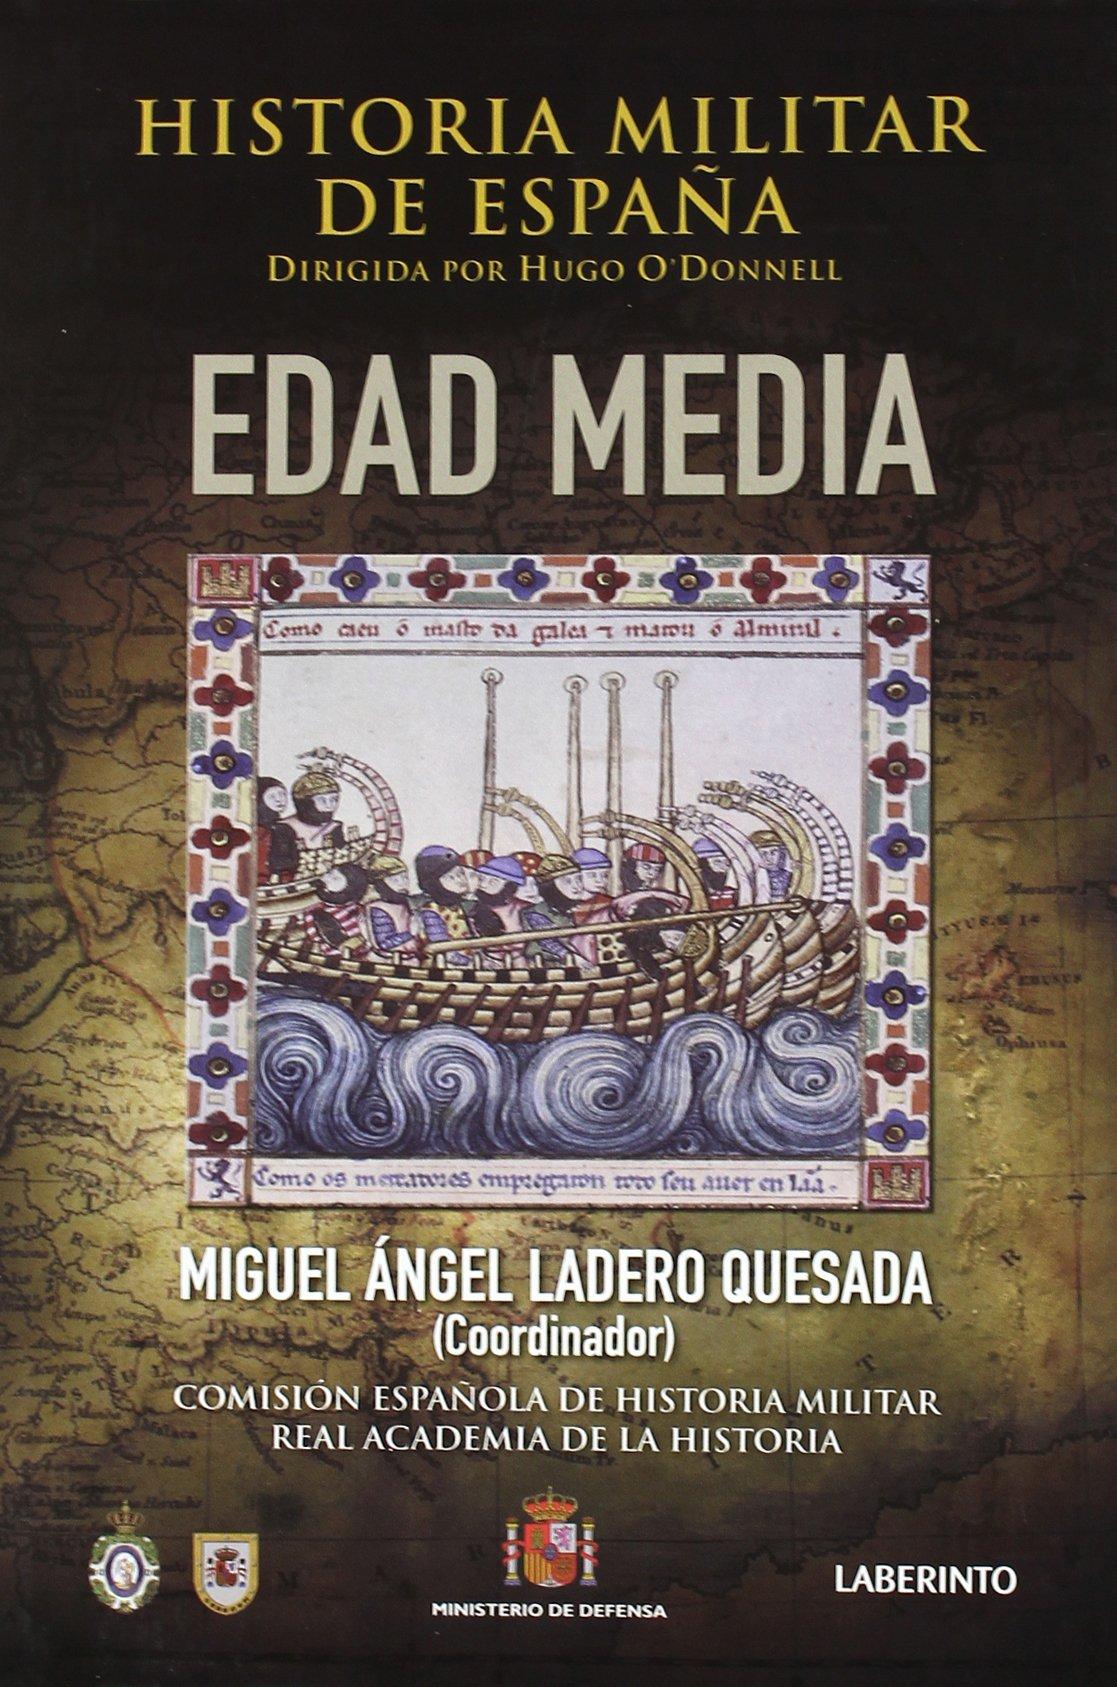 Historia Militar de España: Edad Media: 2: Amazon.es: Ladero Quesada, Miguel Ángel, Ortega del Blanco, Juan José, ODonnell y Duque de Estrada, Hugo: Libros